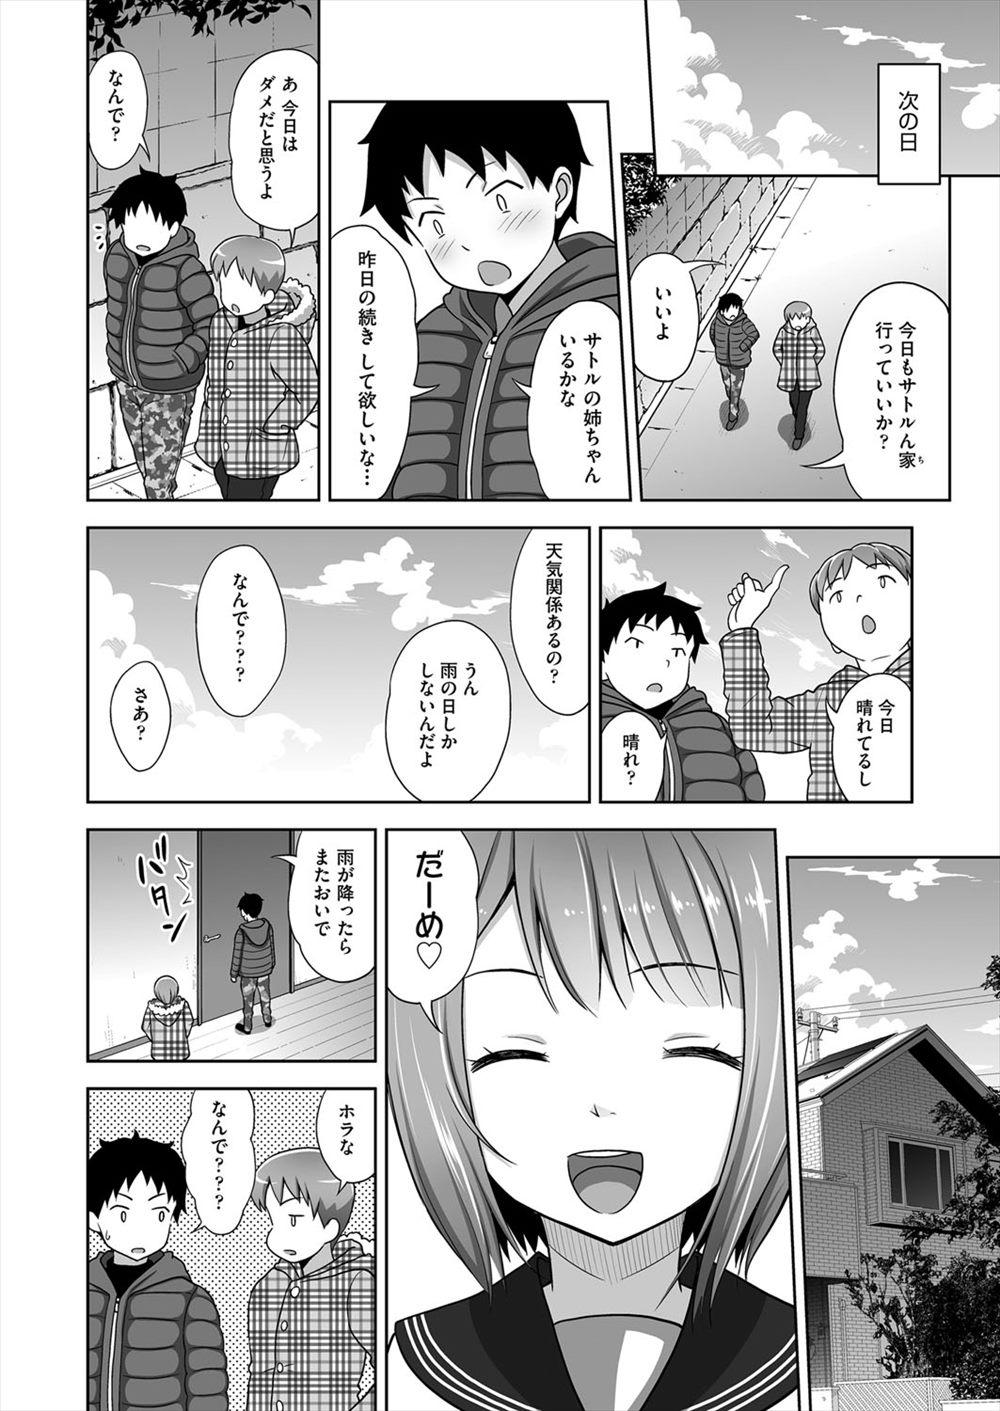 【エロ漫画】友達の家で雨宿りをしたら友姉と一緒にお風呂に入り弟へのフェラチオ姿を目の前で見せつけられてしまう…